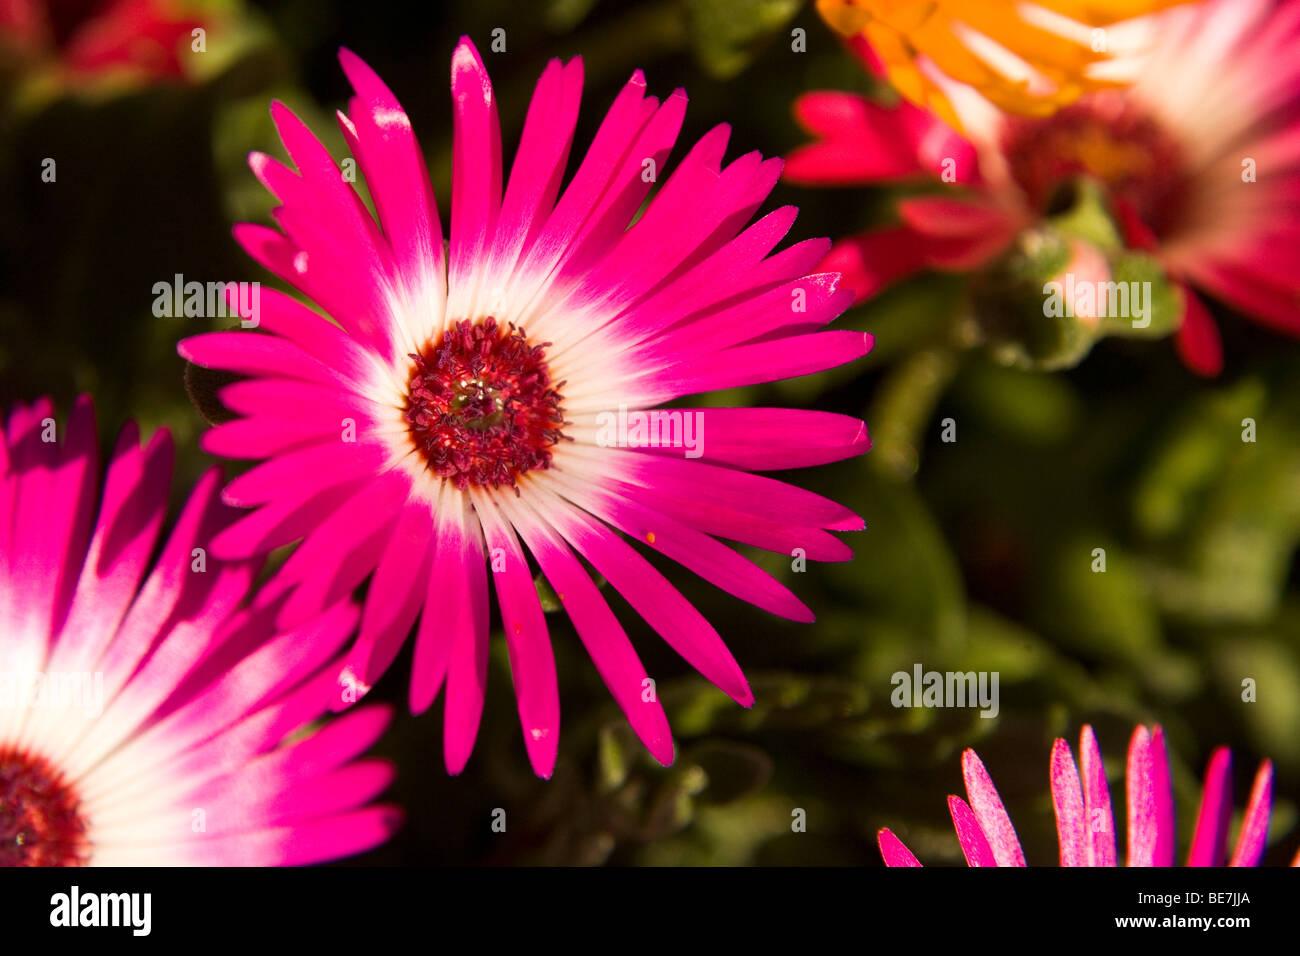 Welche Blumen Blühen Im September eine lila livingston blume in nordengland die blumen blühen